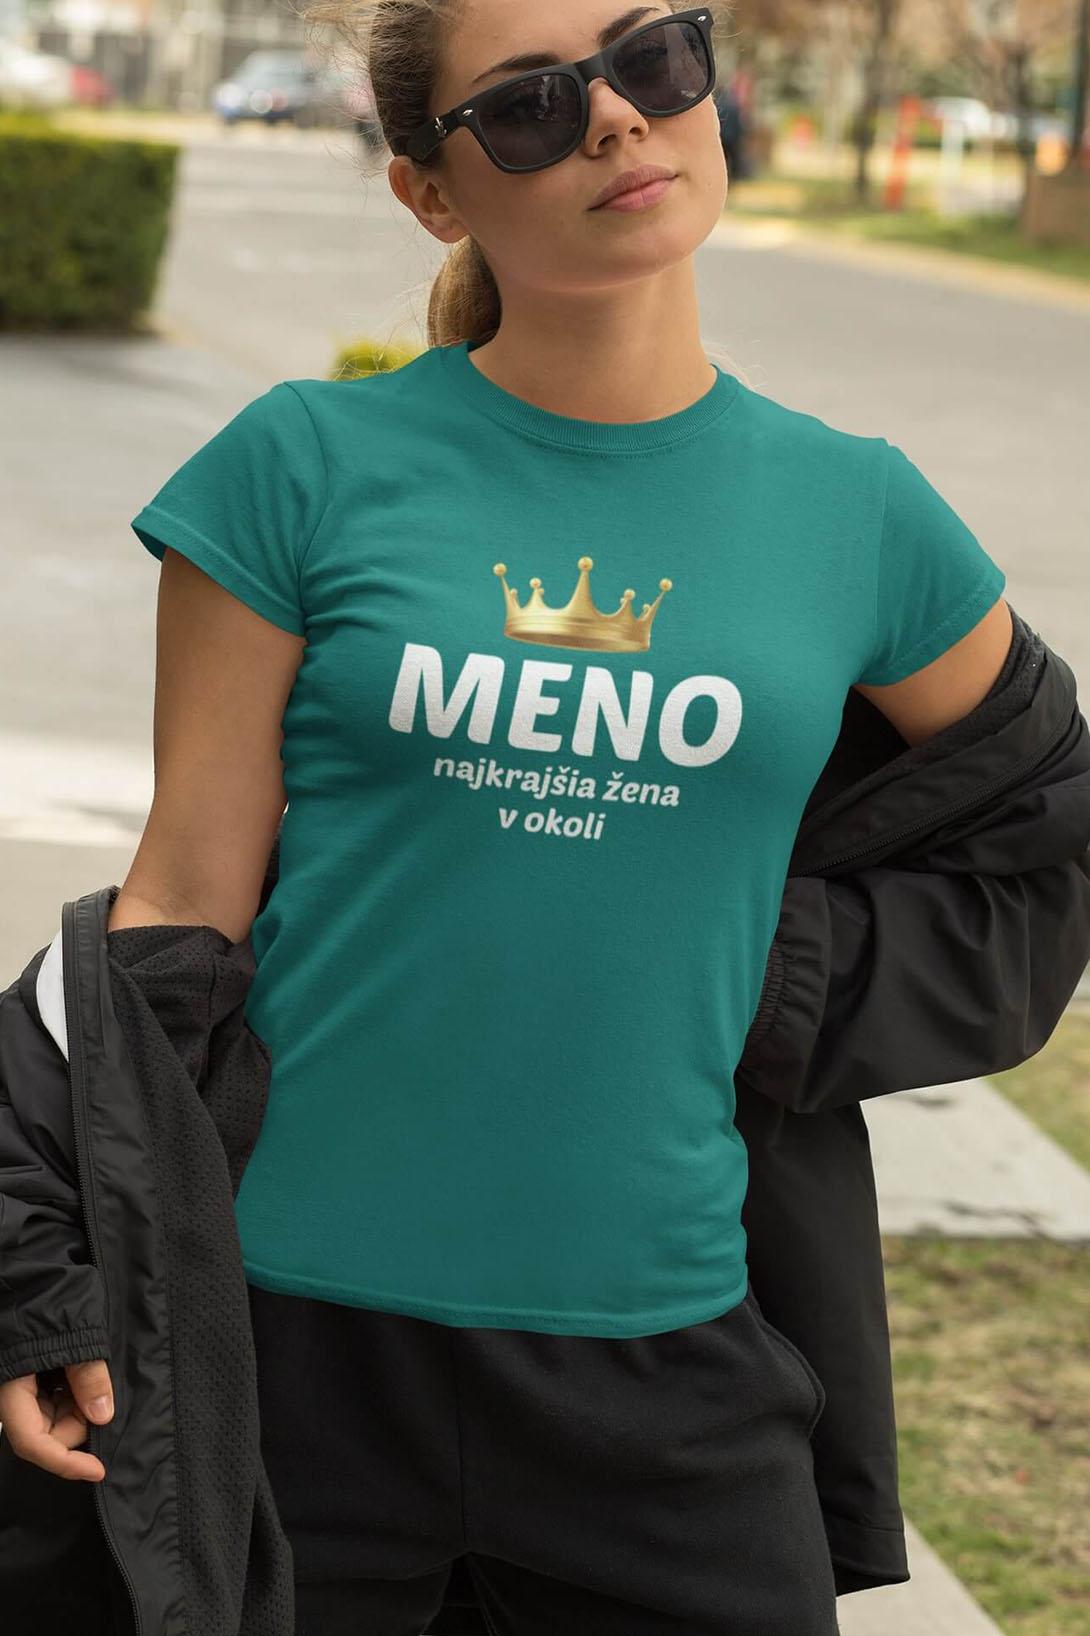 MMO Dámske tričko Najkrajšia žena v okolí Vyberte farbu: Čierna, Vyberte veľkosť: M